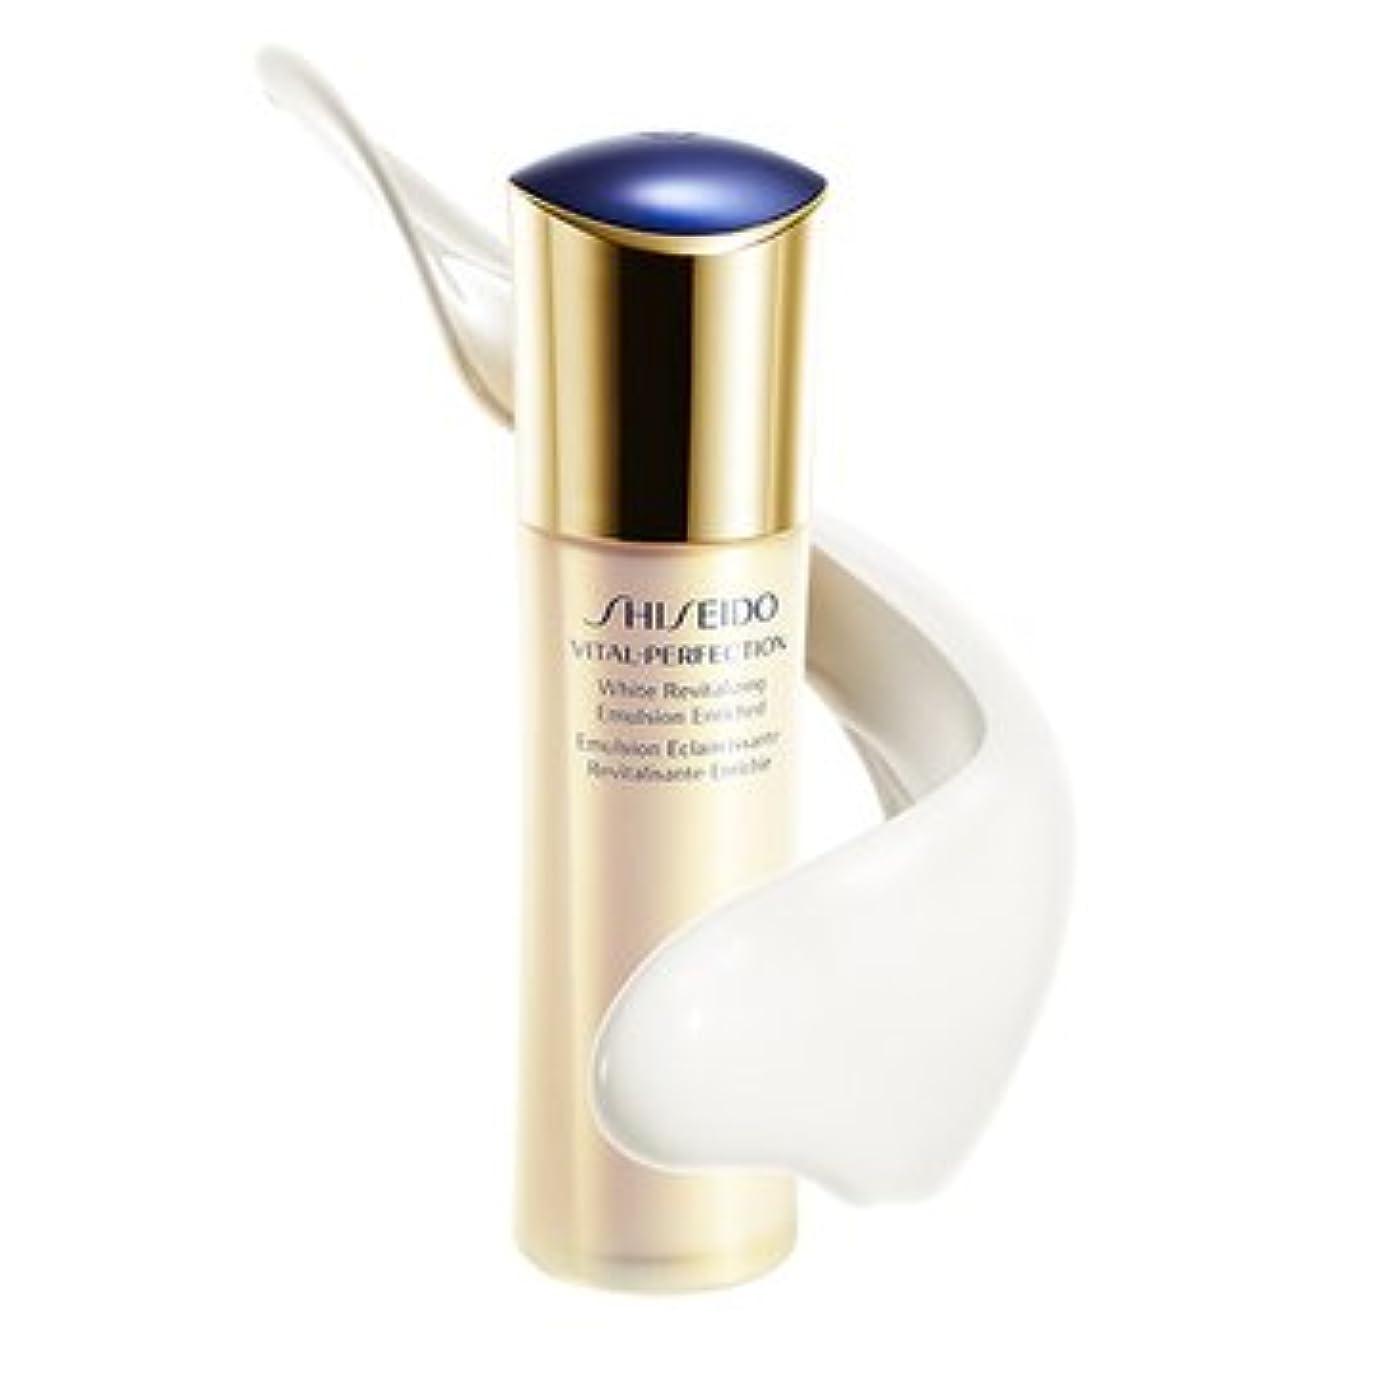 プライム九時四十五分人生を作る資生堂/shiseido バイタルパーフェクション/VITAL-PERFECTION ホワイトRV エマルジョン(医薬部外品)美白乳液